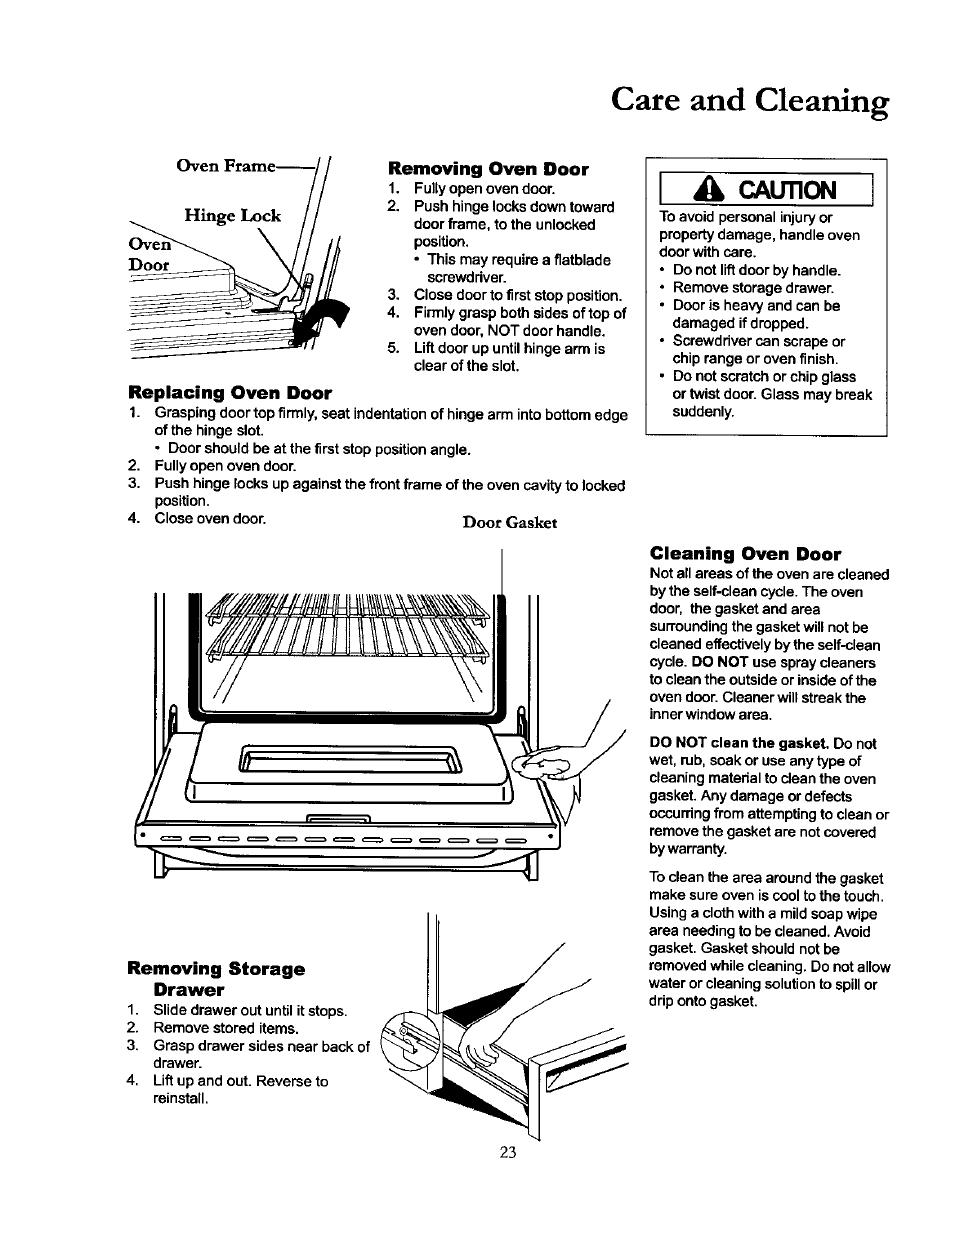 Removing oven door, Replacing oven door, Removing storage